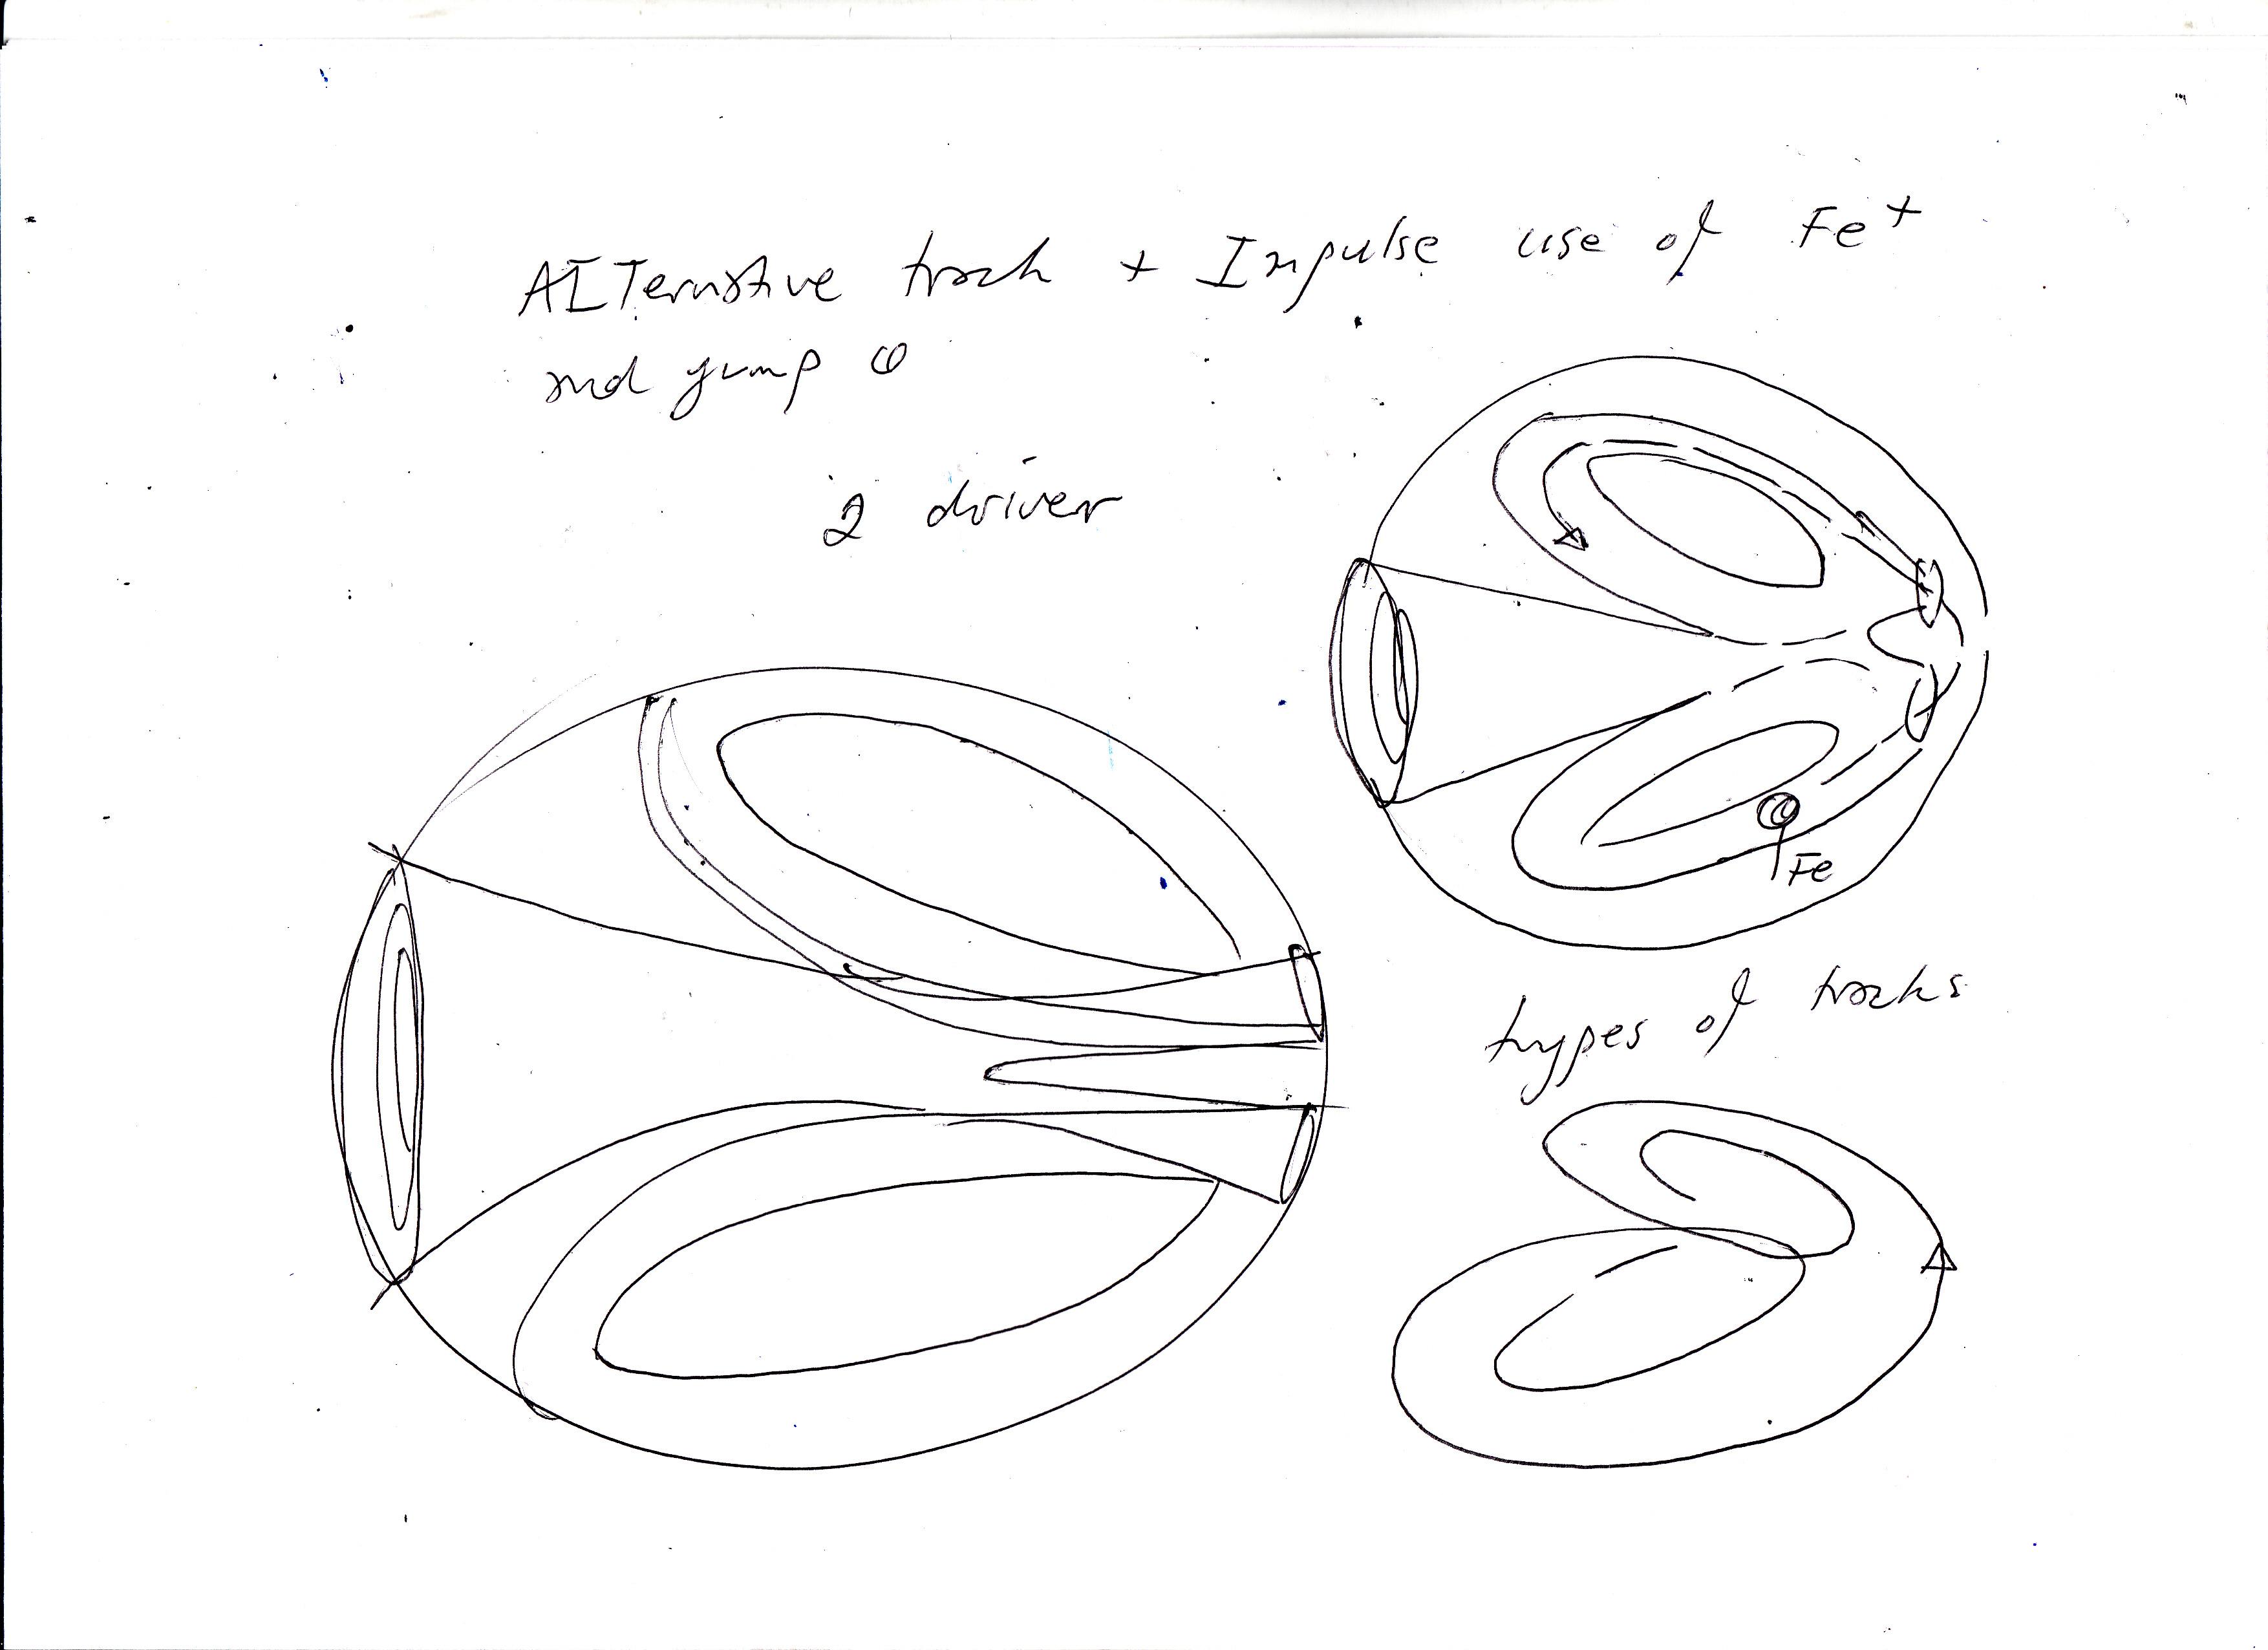 chrysler 3 8 serpentine belt diagram fender american standard stratocaster wiring for aspen imageresizertool com